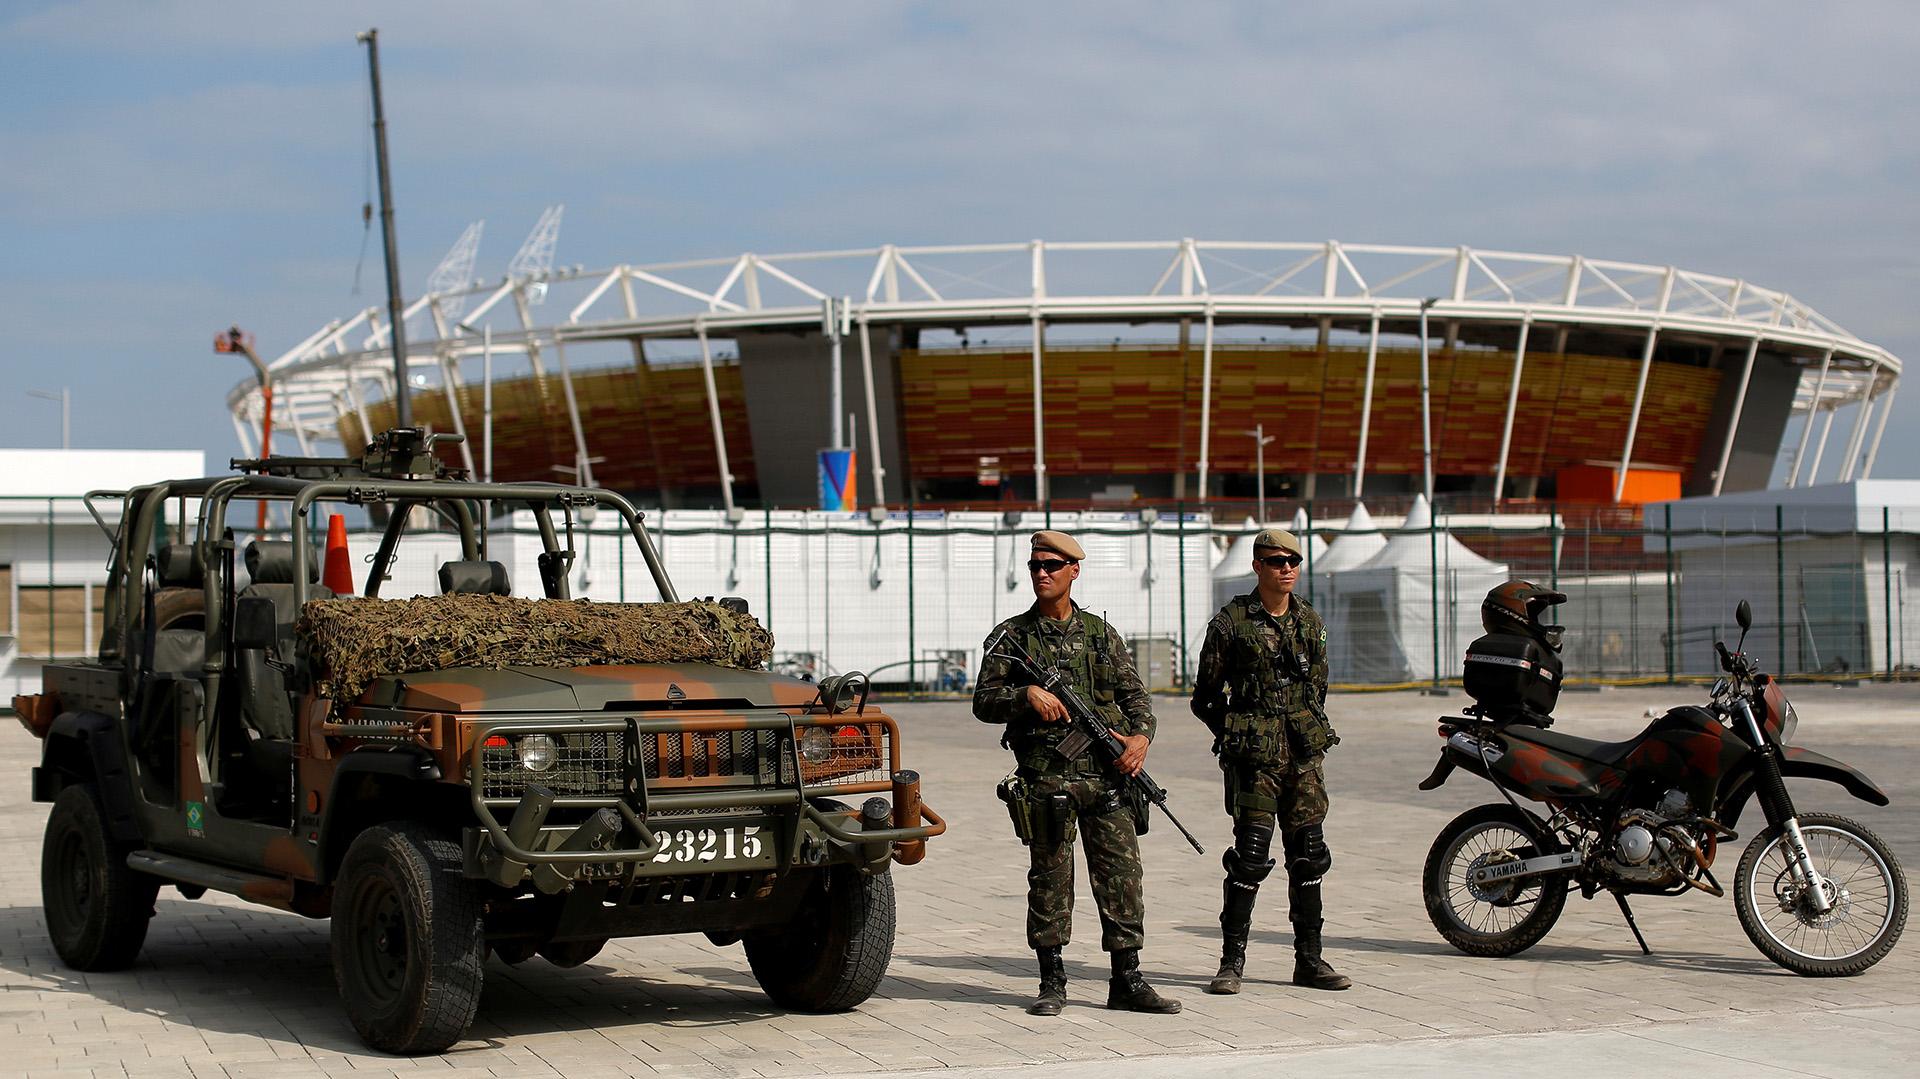 Soldadosde las Fuerzas Armadas brasileñas patrullaron el Parque Olímpico(REUTERS)